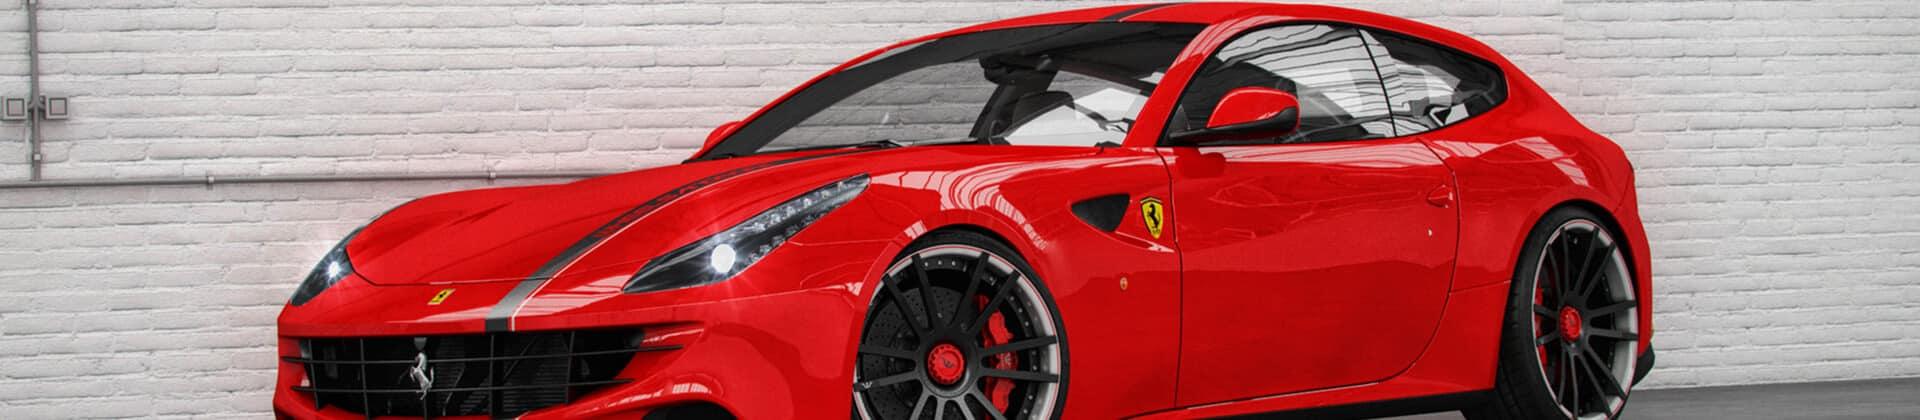 Ferrari ff leistungssteigerung